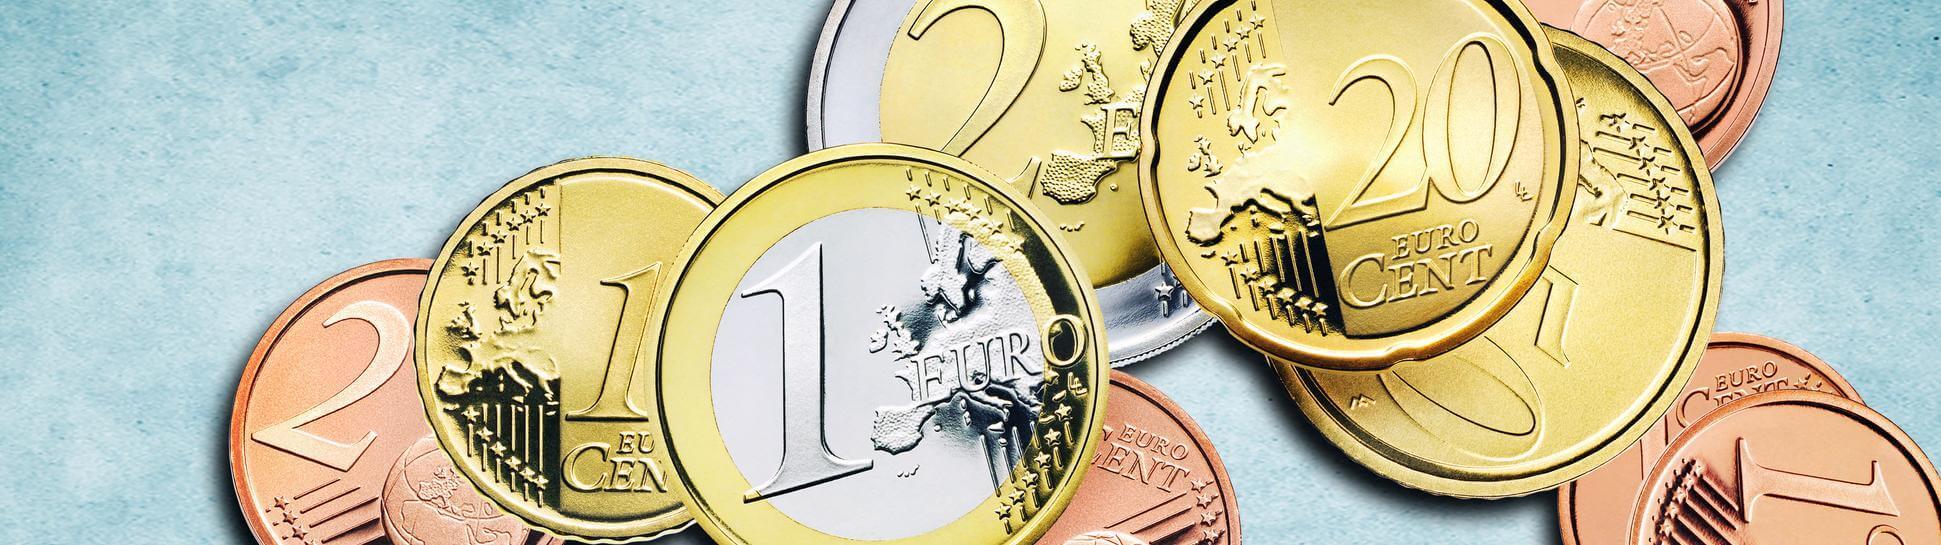 Sparkasse überweisungslimit Maximalbetrag Höchstbetrag